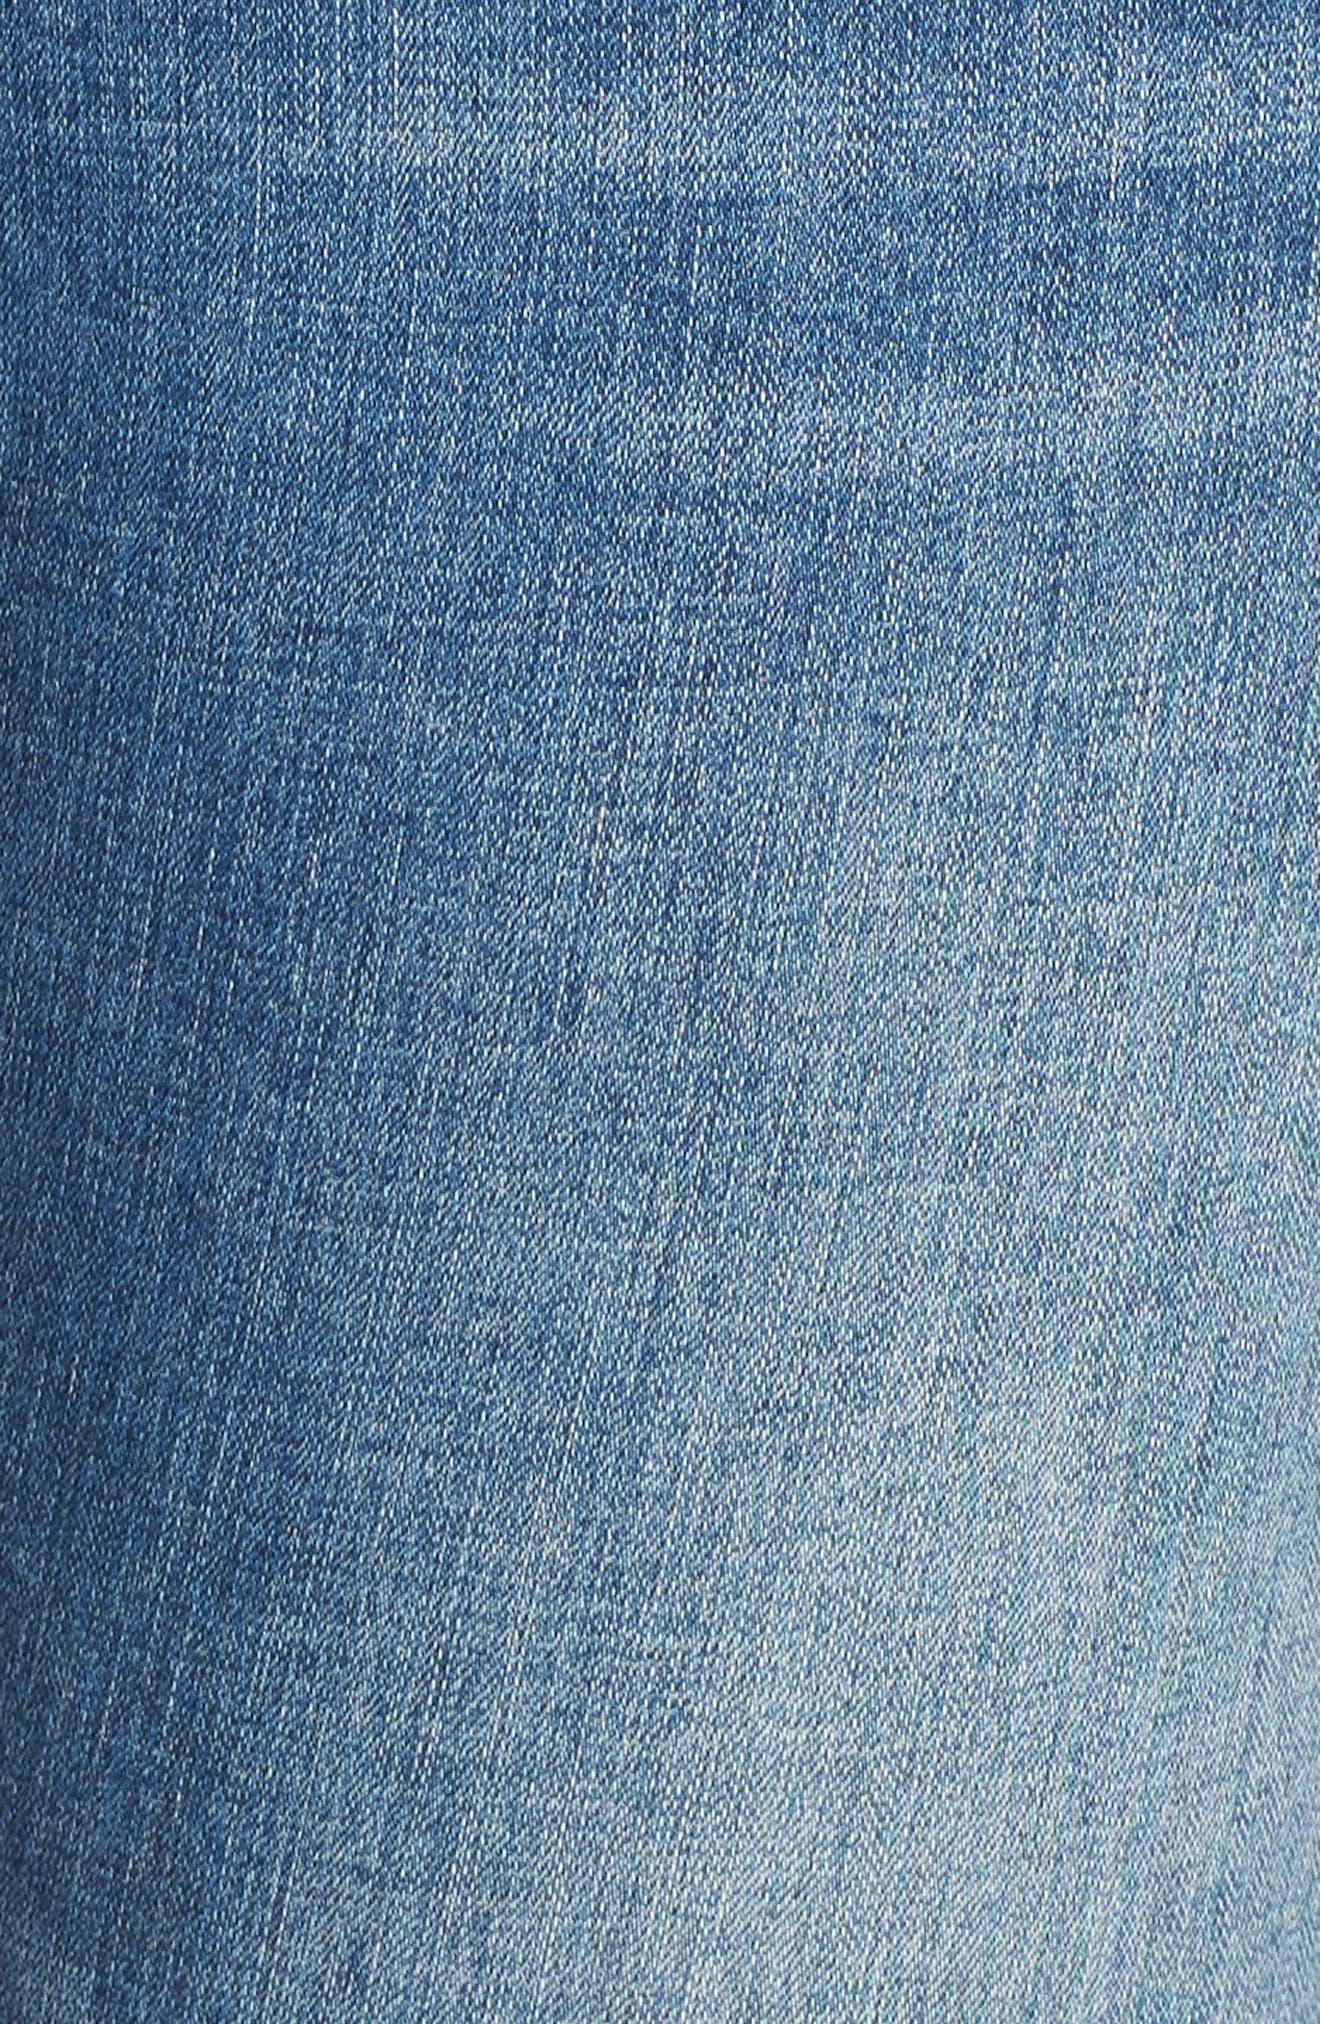 Ginger Glitter Stripe Skinny Jeans,                             Alternate thumbnail 5, color,                             420